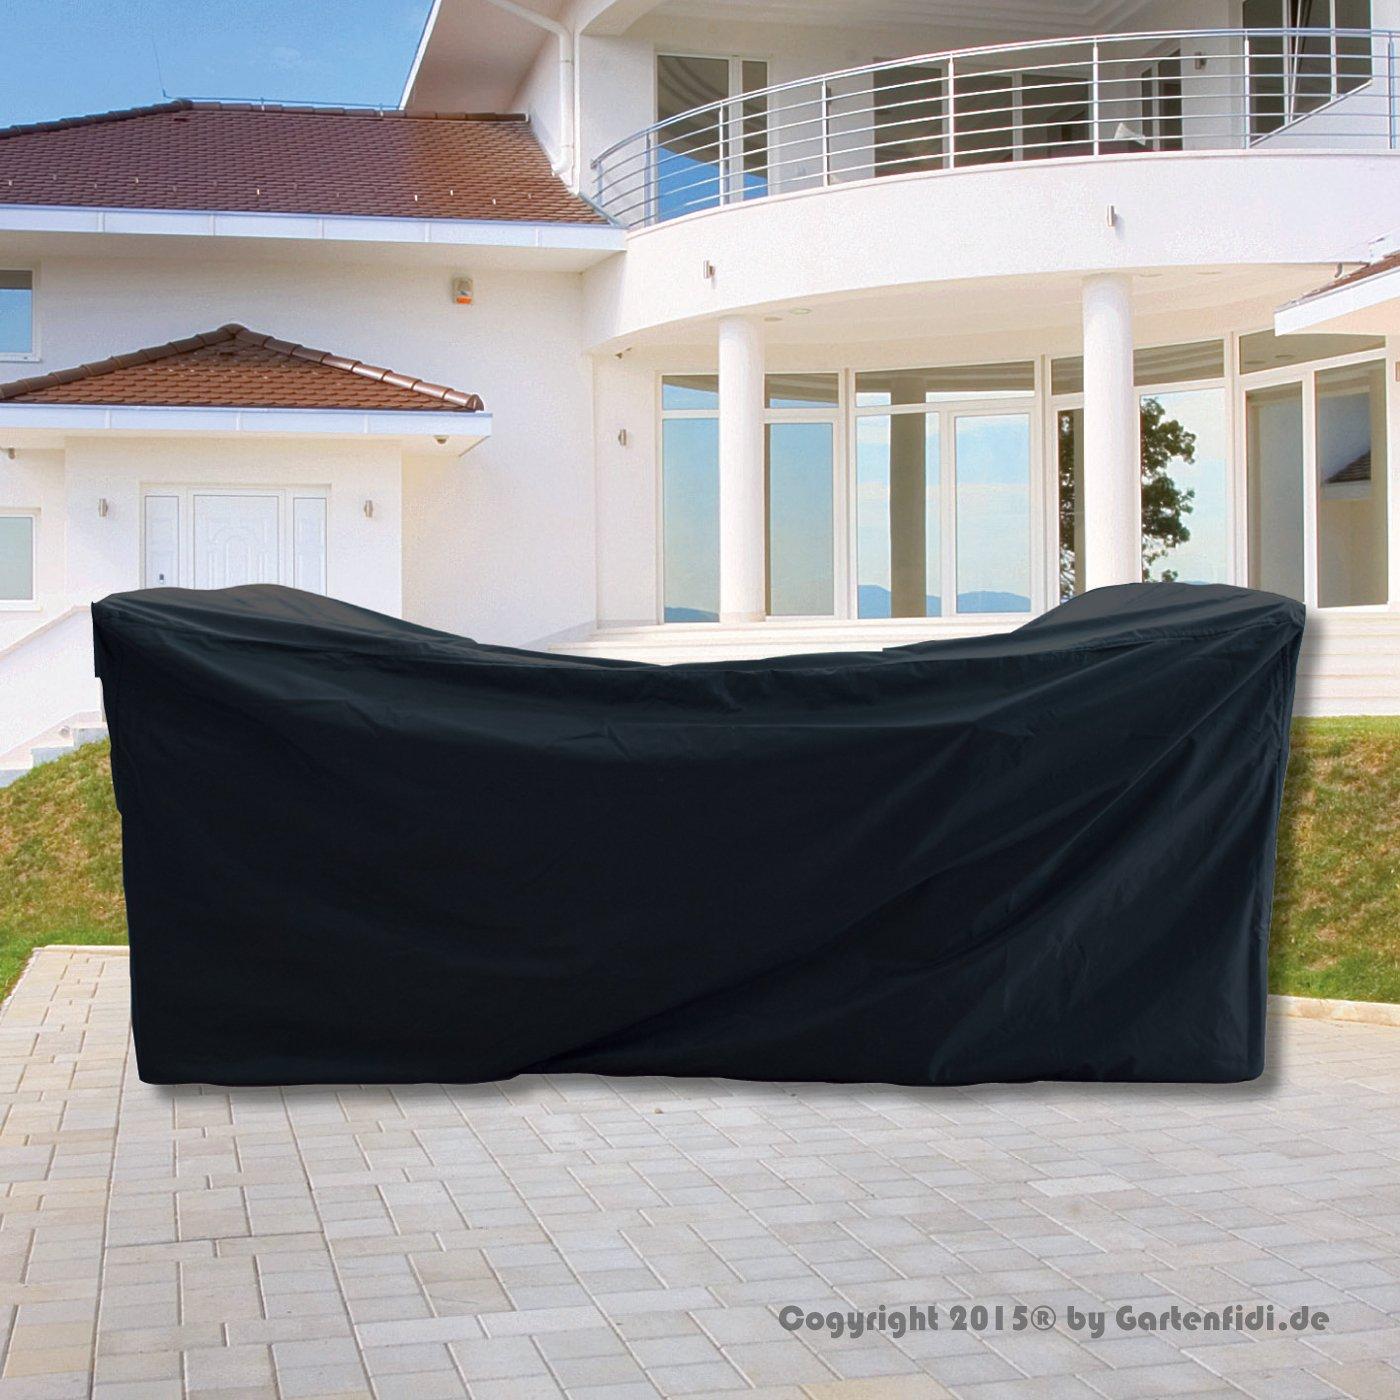 Schutzhülle für Set Meran / Maße: 205 x 150 cm günstig